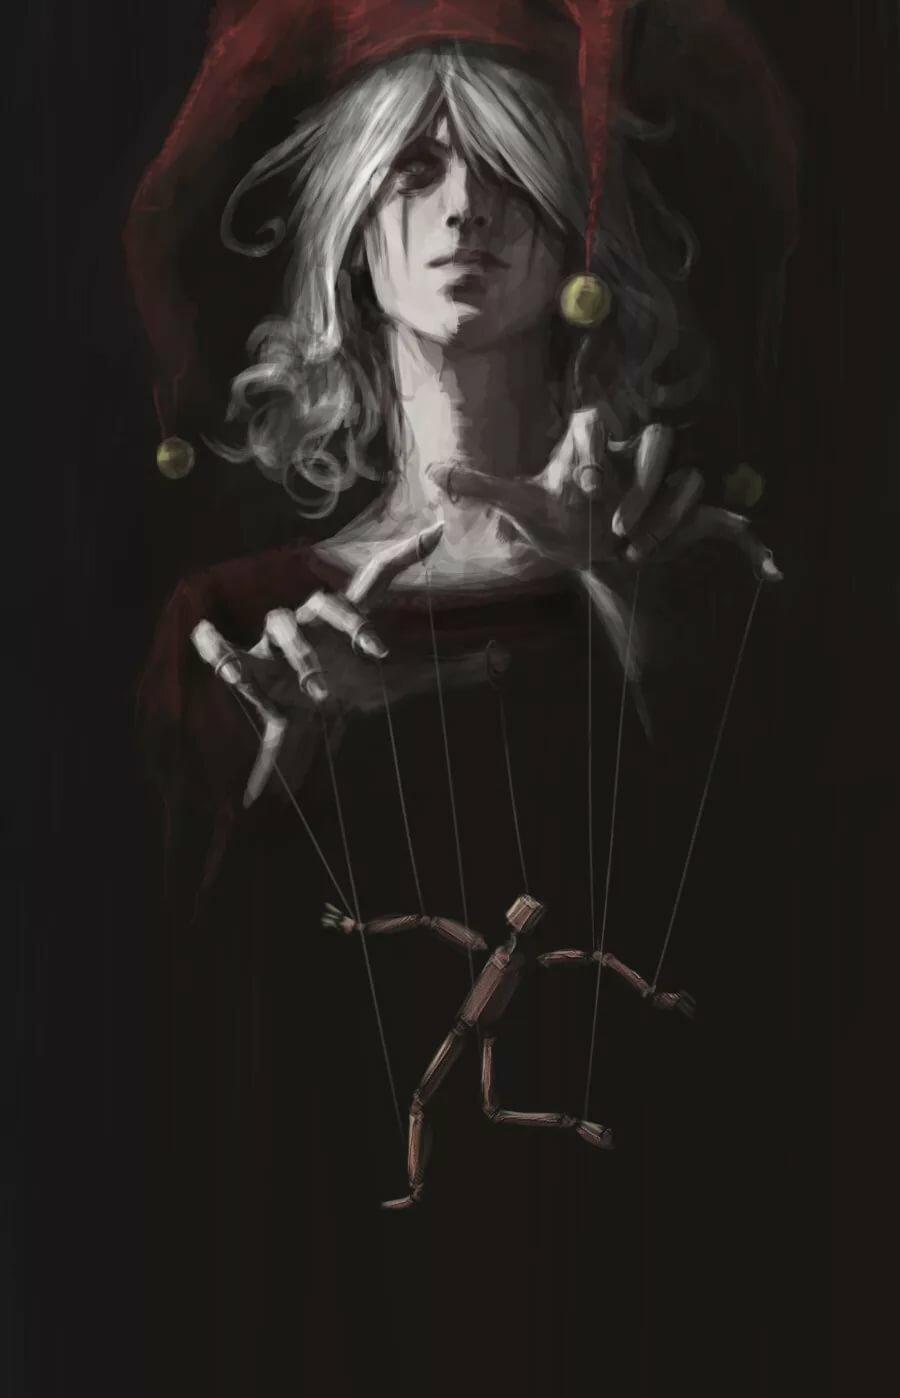 Картинка мужчина кукловода